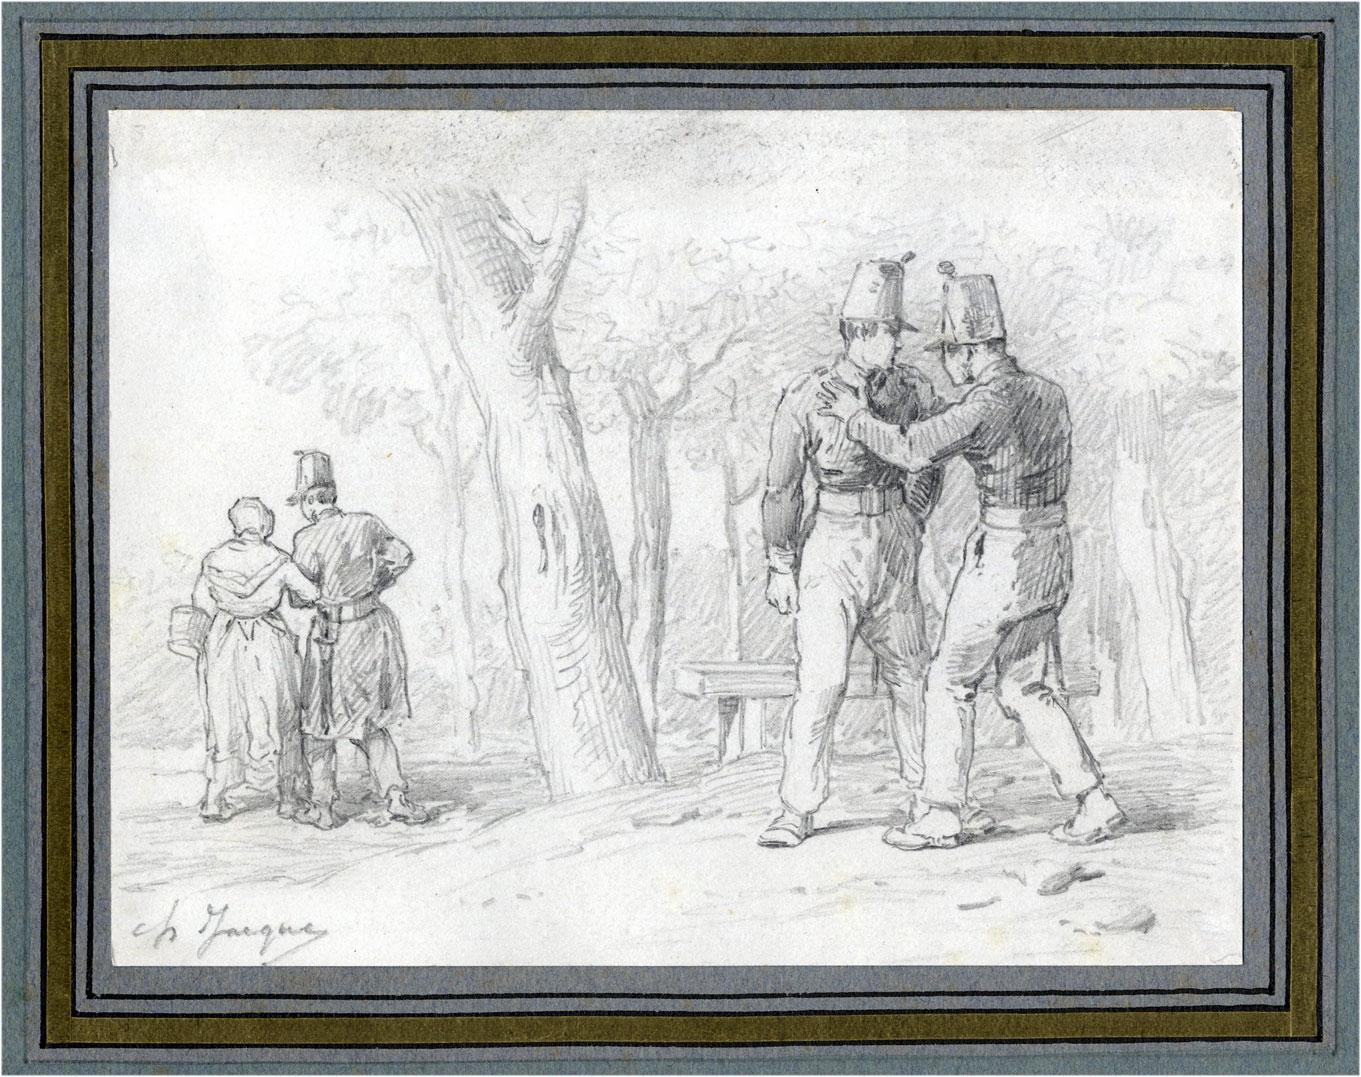 Charles Emile Jacque Barbizon Militaire depit amoureux petite bonne ou Soubrette Corot Daubigny Diaz Millet